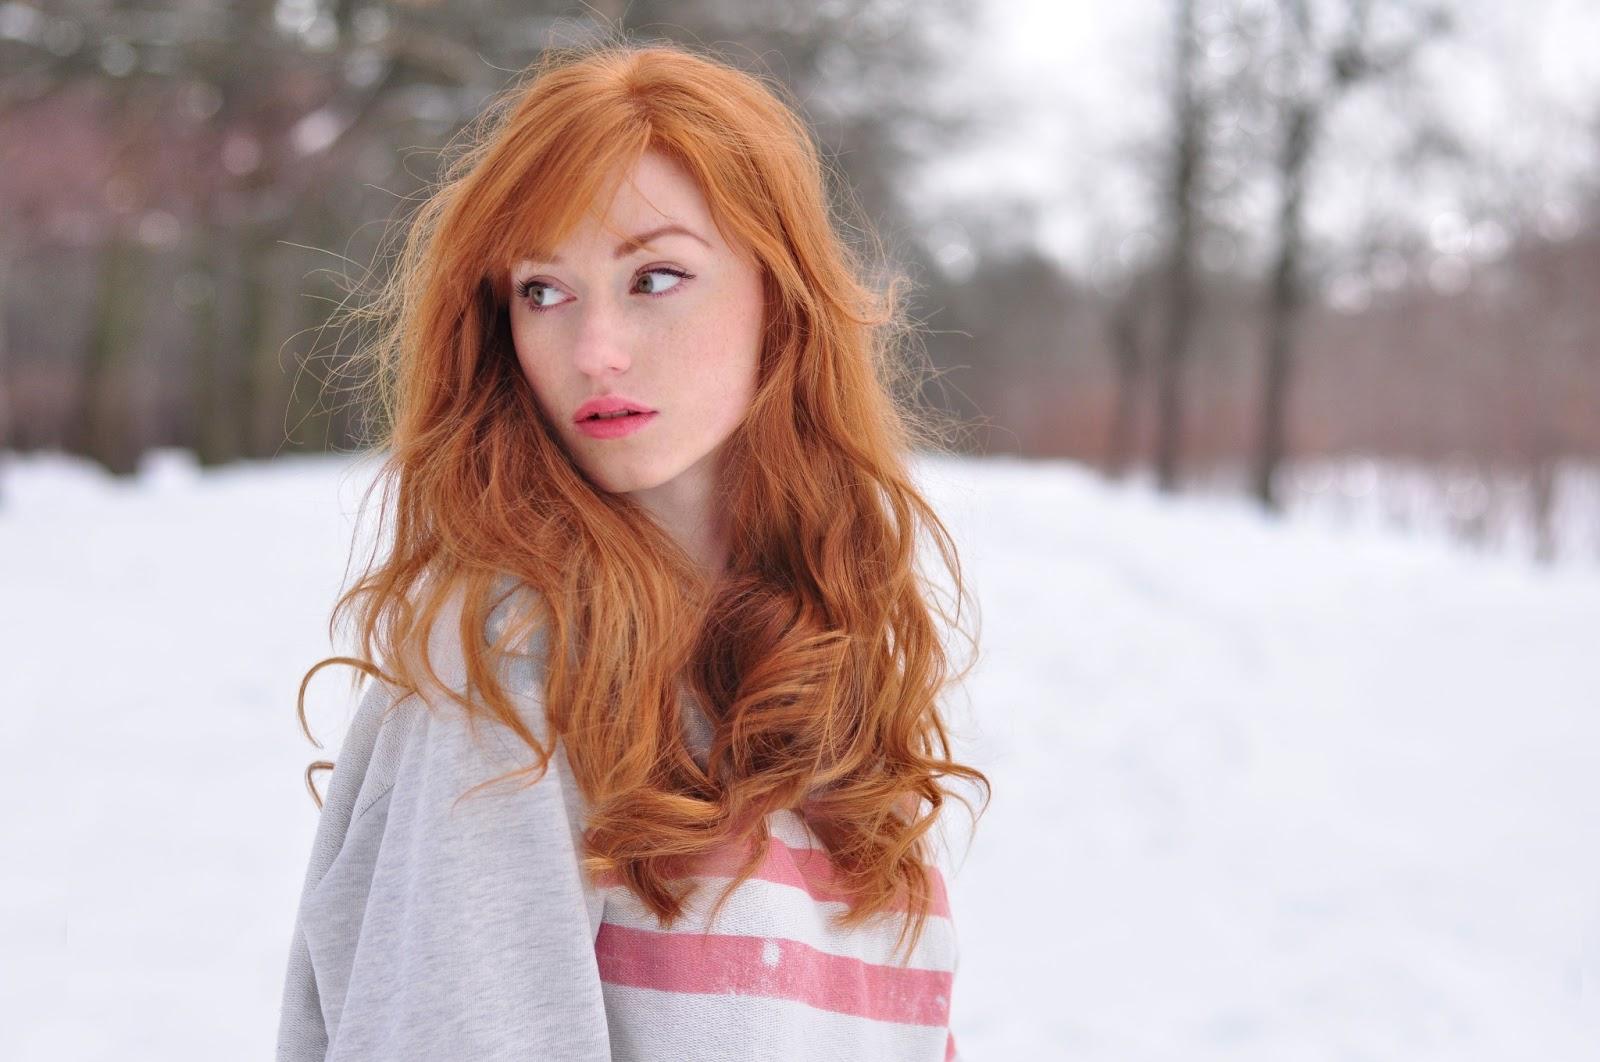 Фото девушек с рыжими волосами 13 фотография